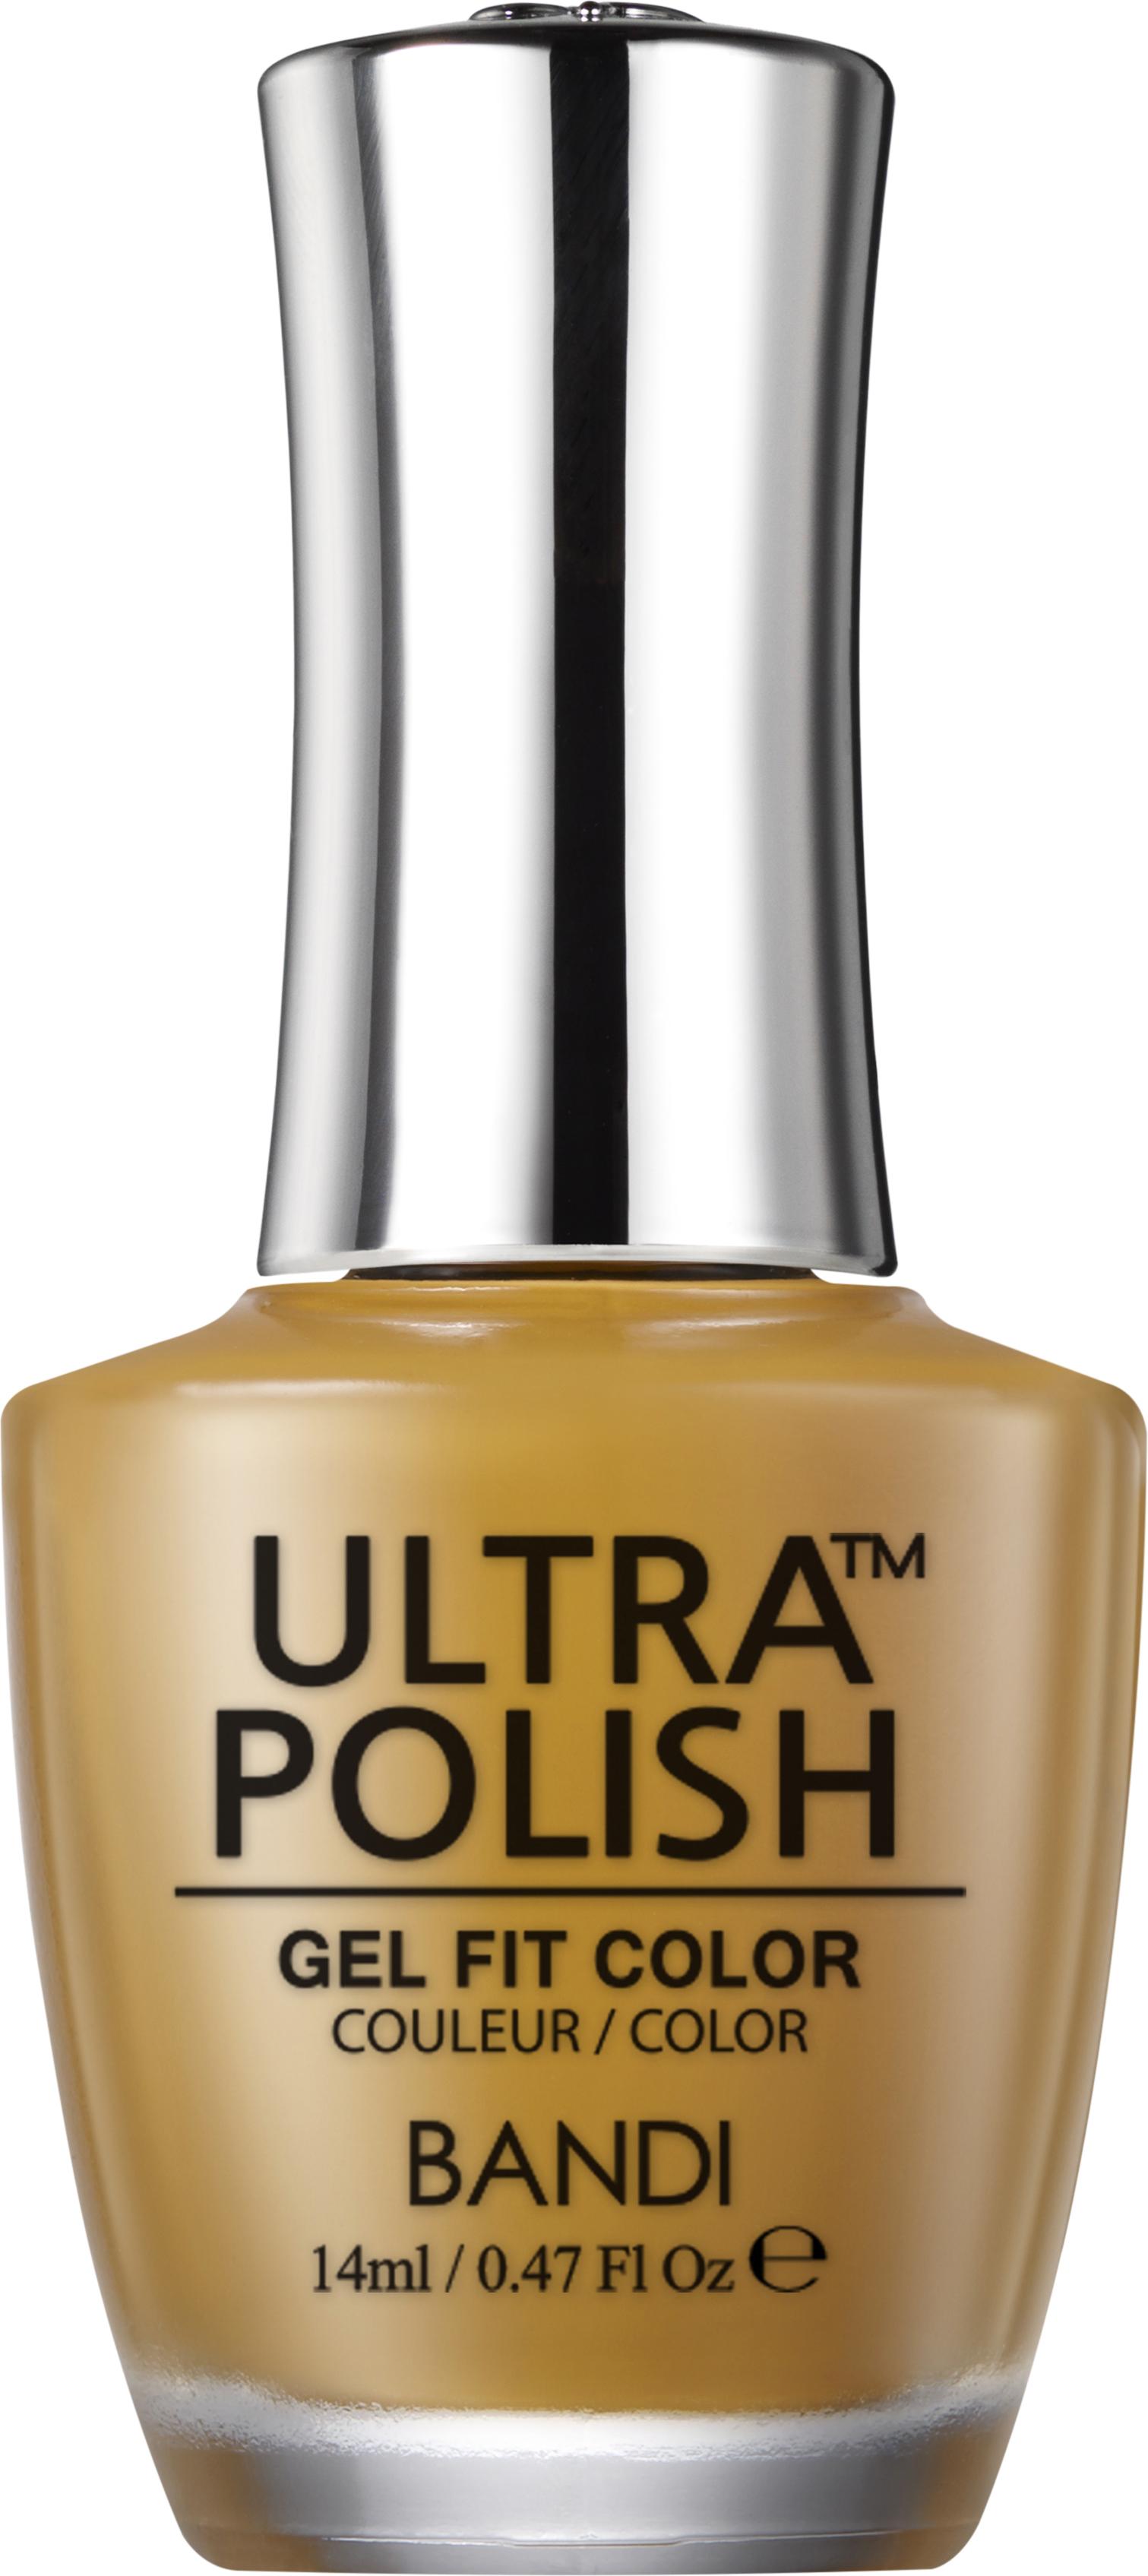 Купить BANDI UP208 ультра-покрытие долговременное цветное для ногтей / ULTRA POLISH GEL FIT COLOR 14 мл, Оранжевые